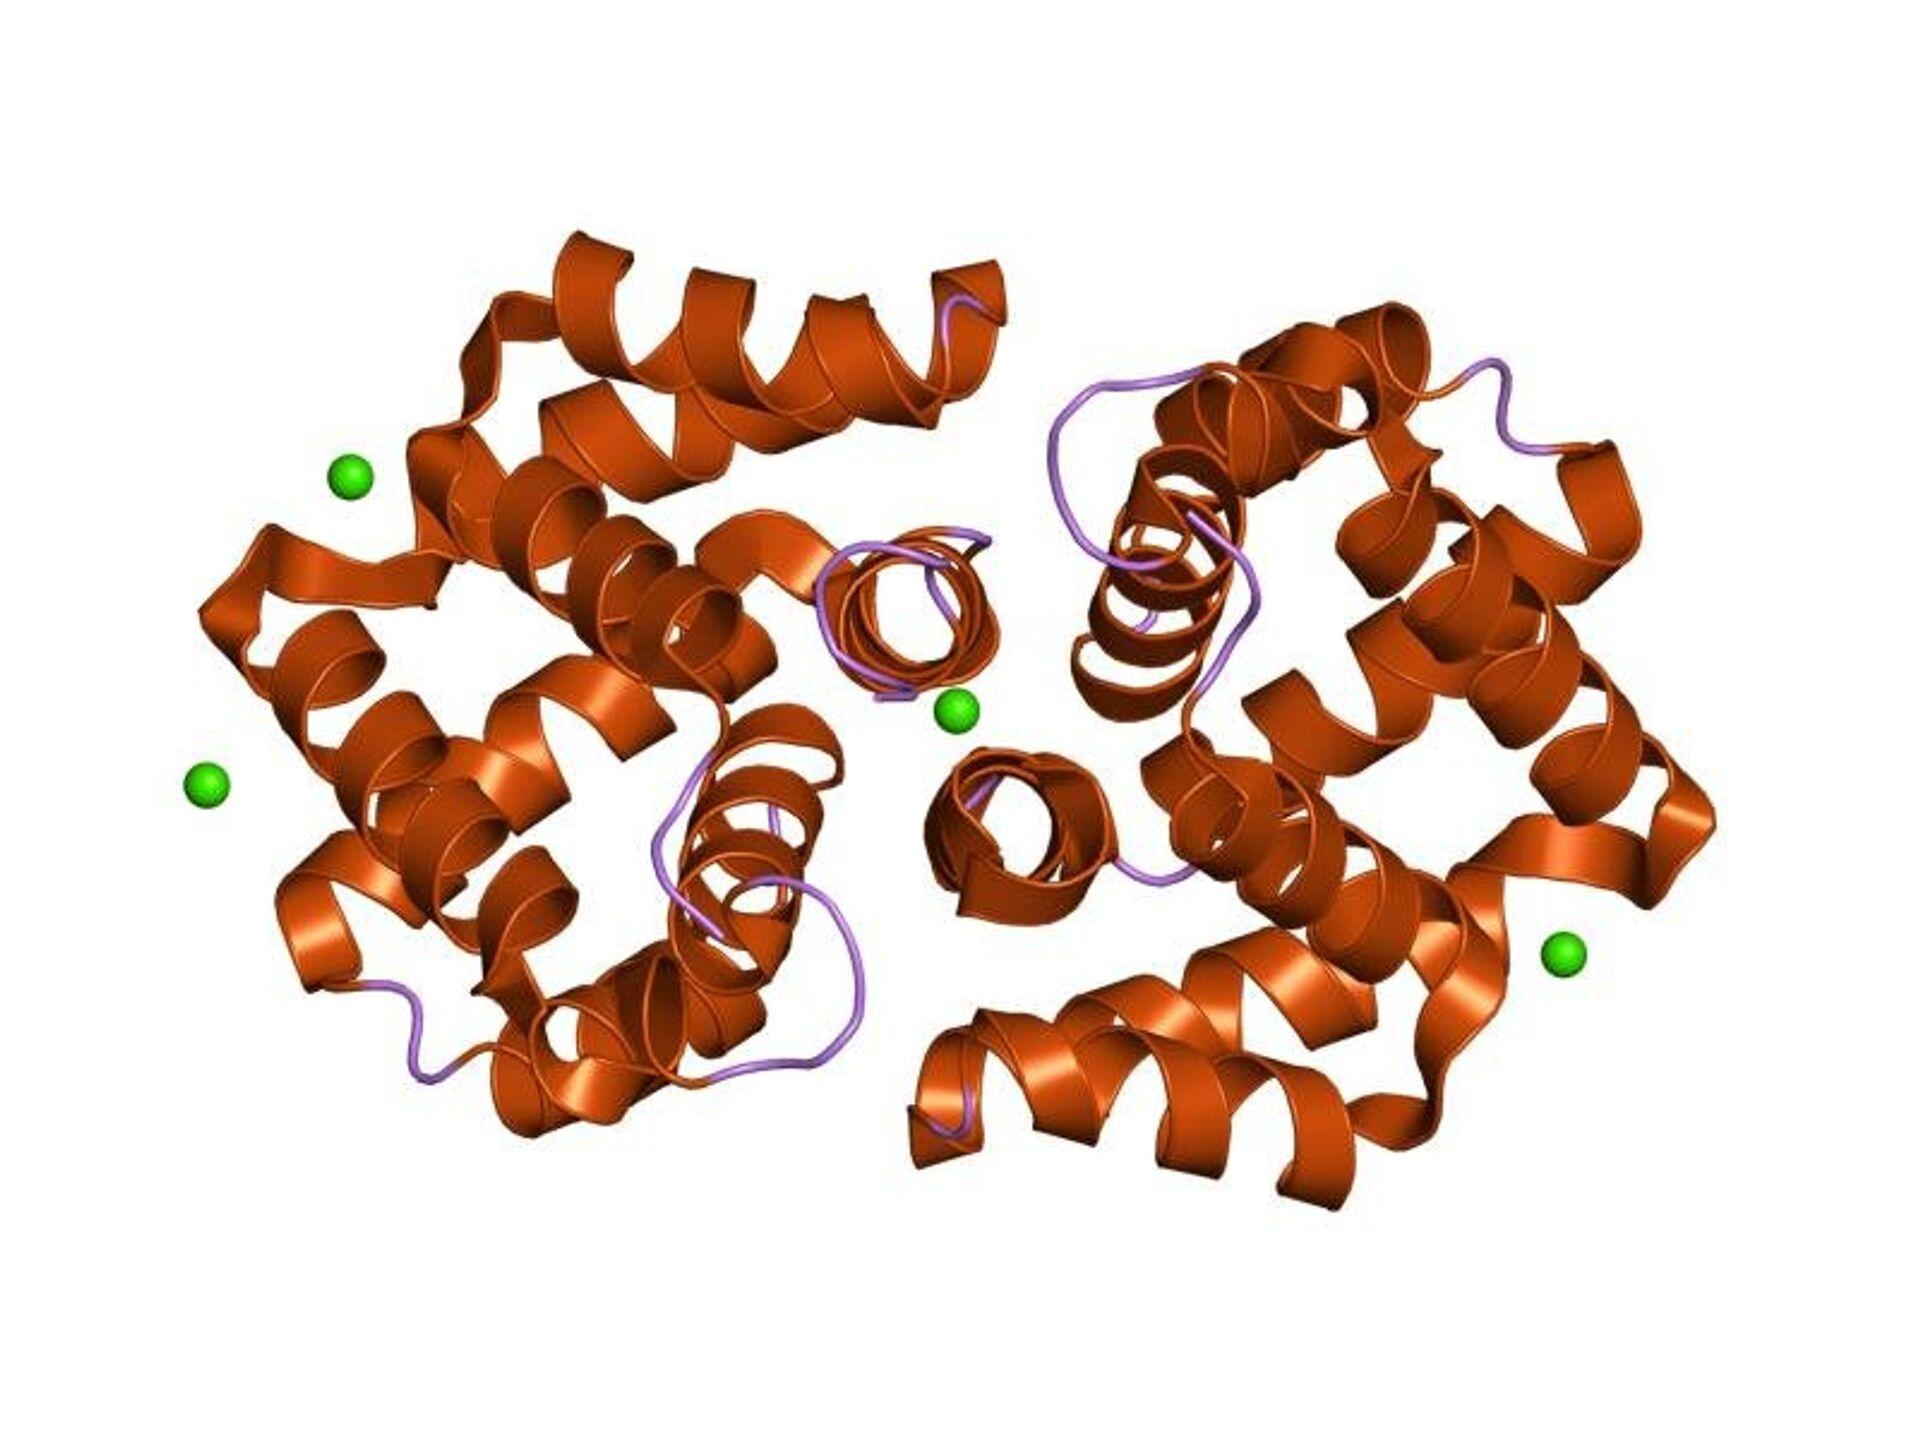 Структура белка Fel d I - РИА Новости, 1920, 16.09.2021